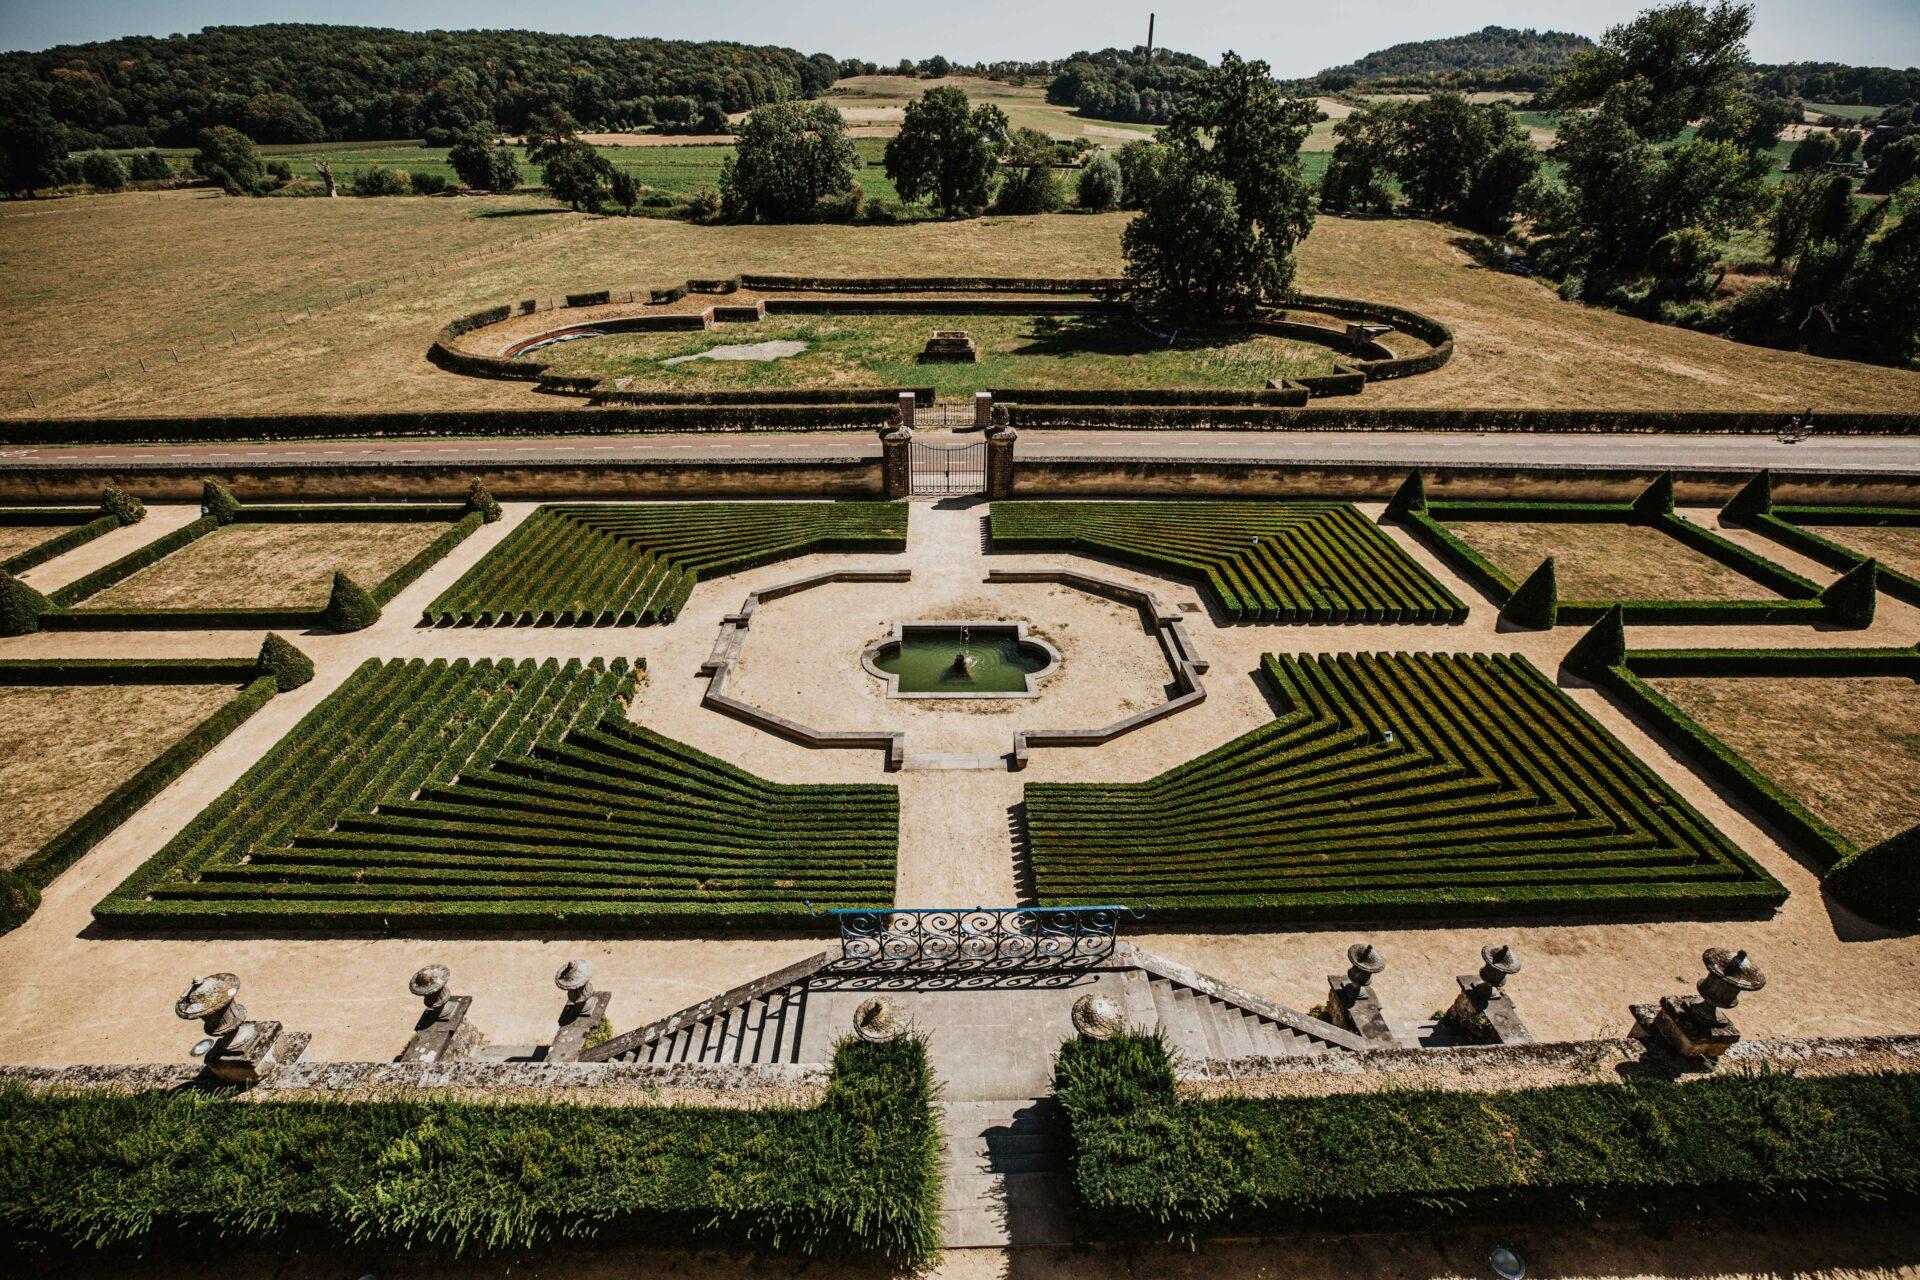 Trouwen bij Chateau Neercanne in Limburg